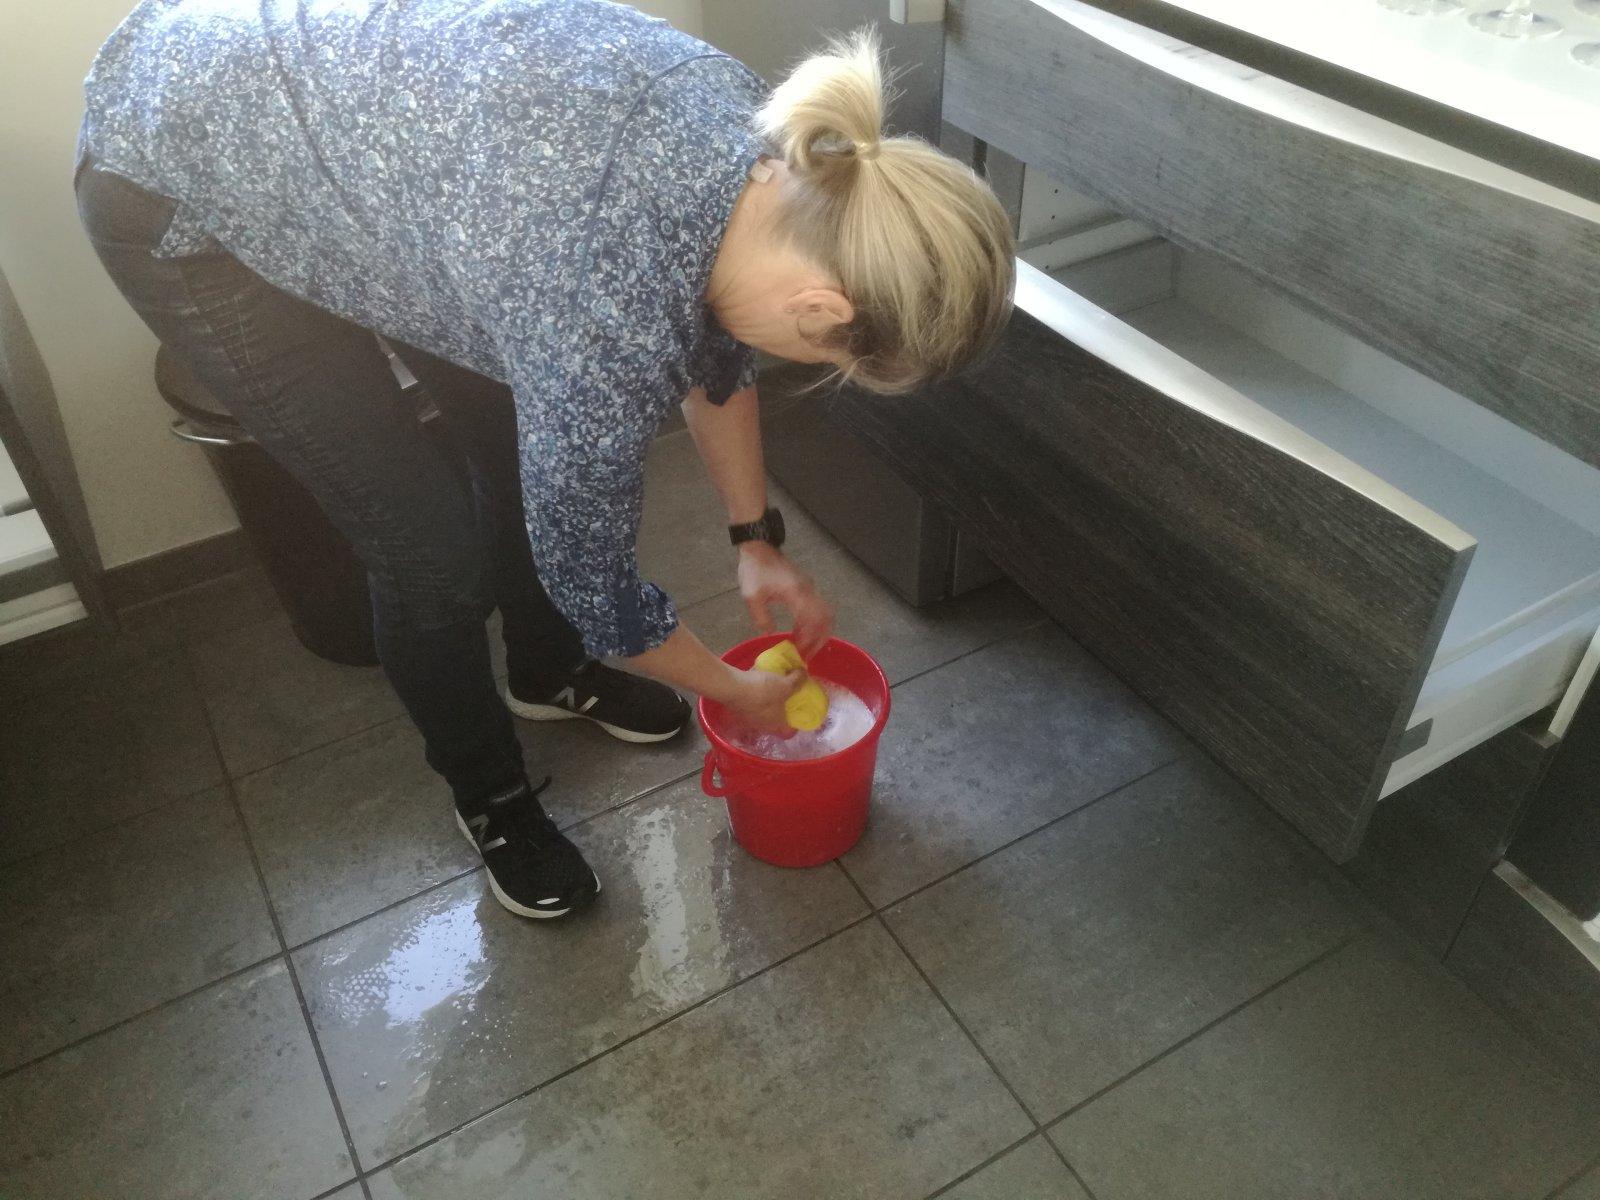 Forårsrengøring i Havnehuset - Skuffer og skabe rengøres